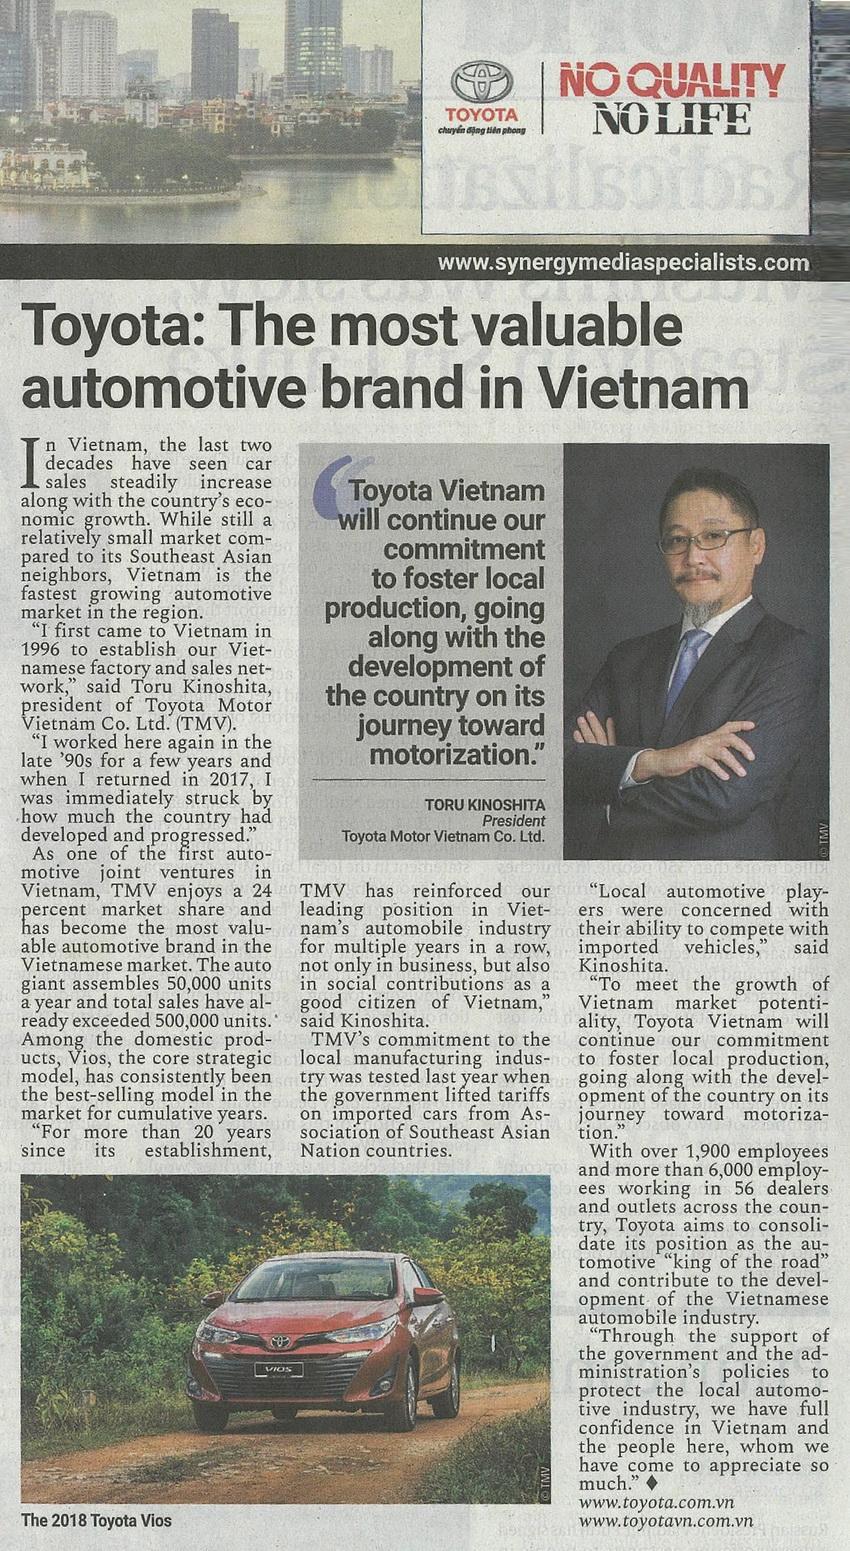 Japan Times: Toyota - Thương hiệu ô tô hàng đầu tại Việt Nam 3